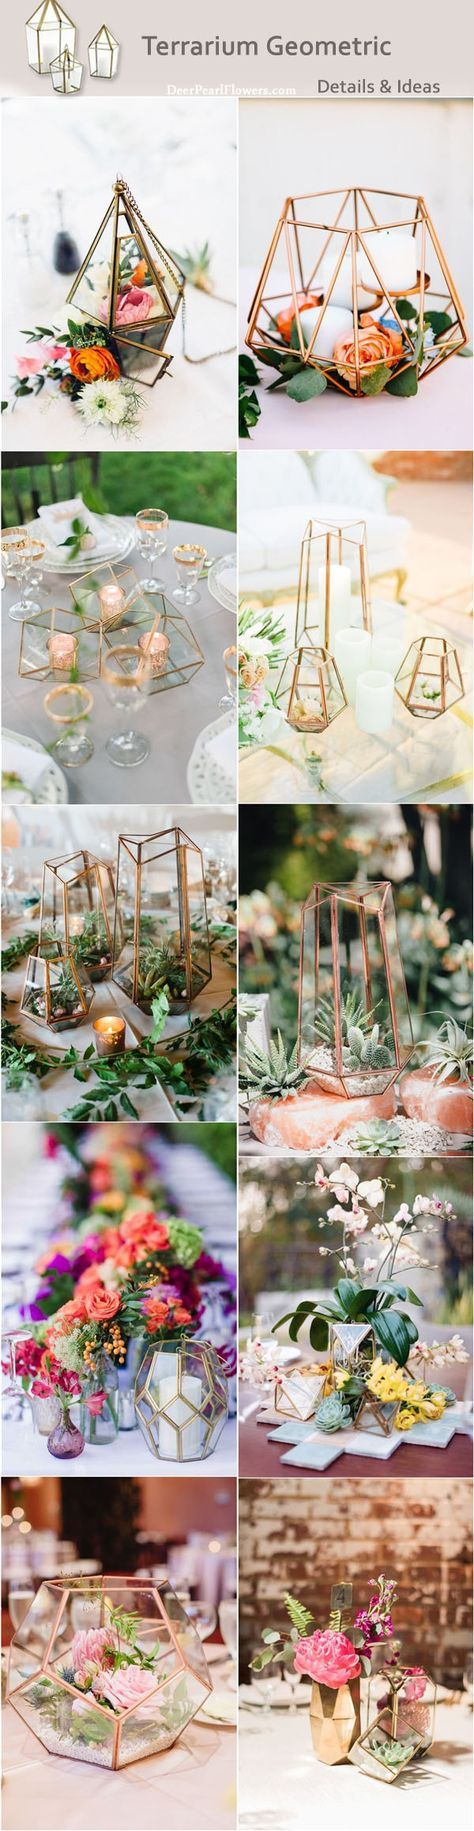 Idées centres de tables moderne Terrariums – Géométrie.  Trendy wedding ceremony concepts…